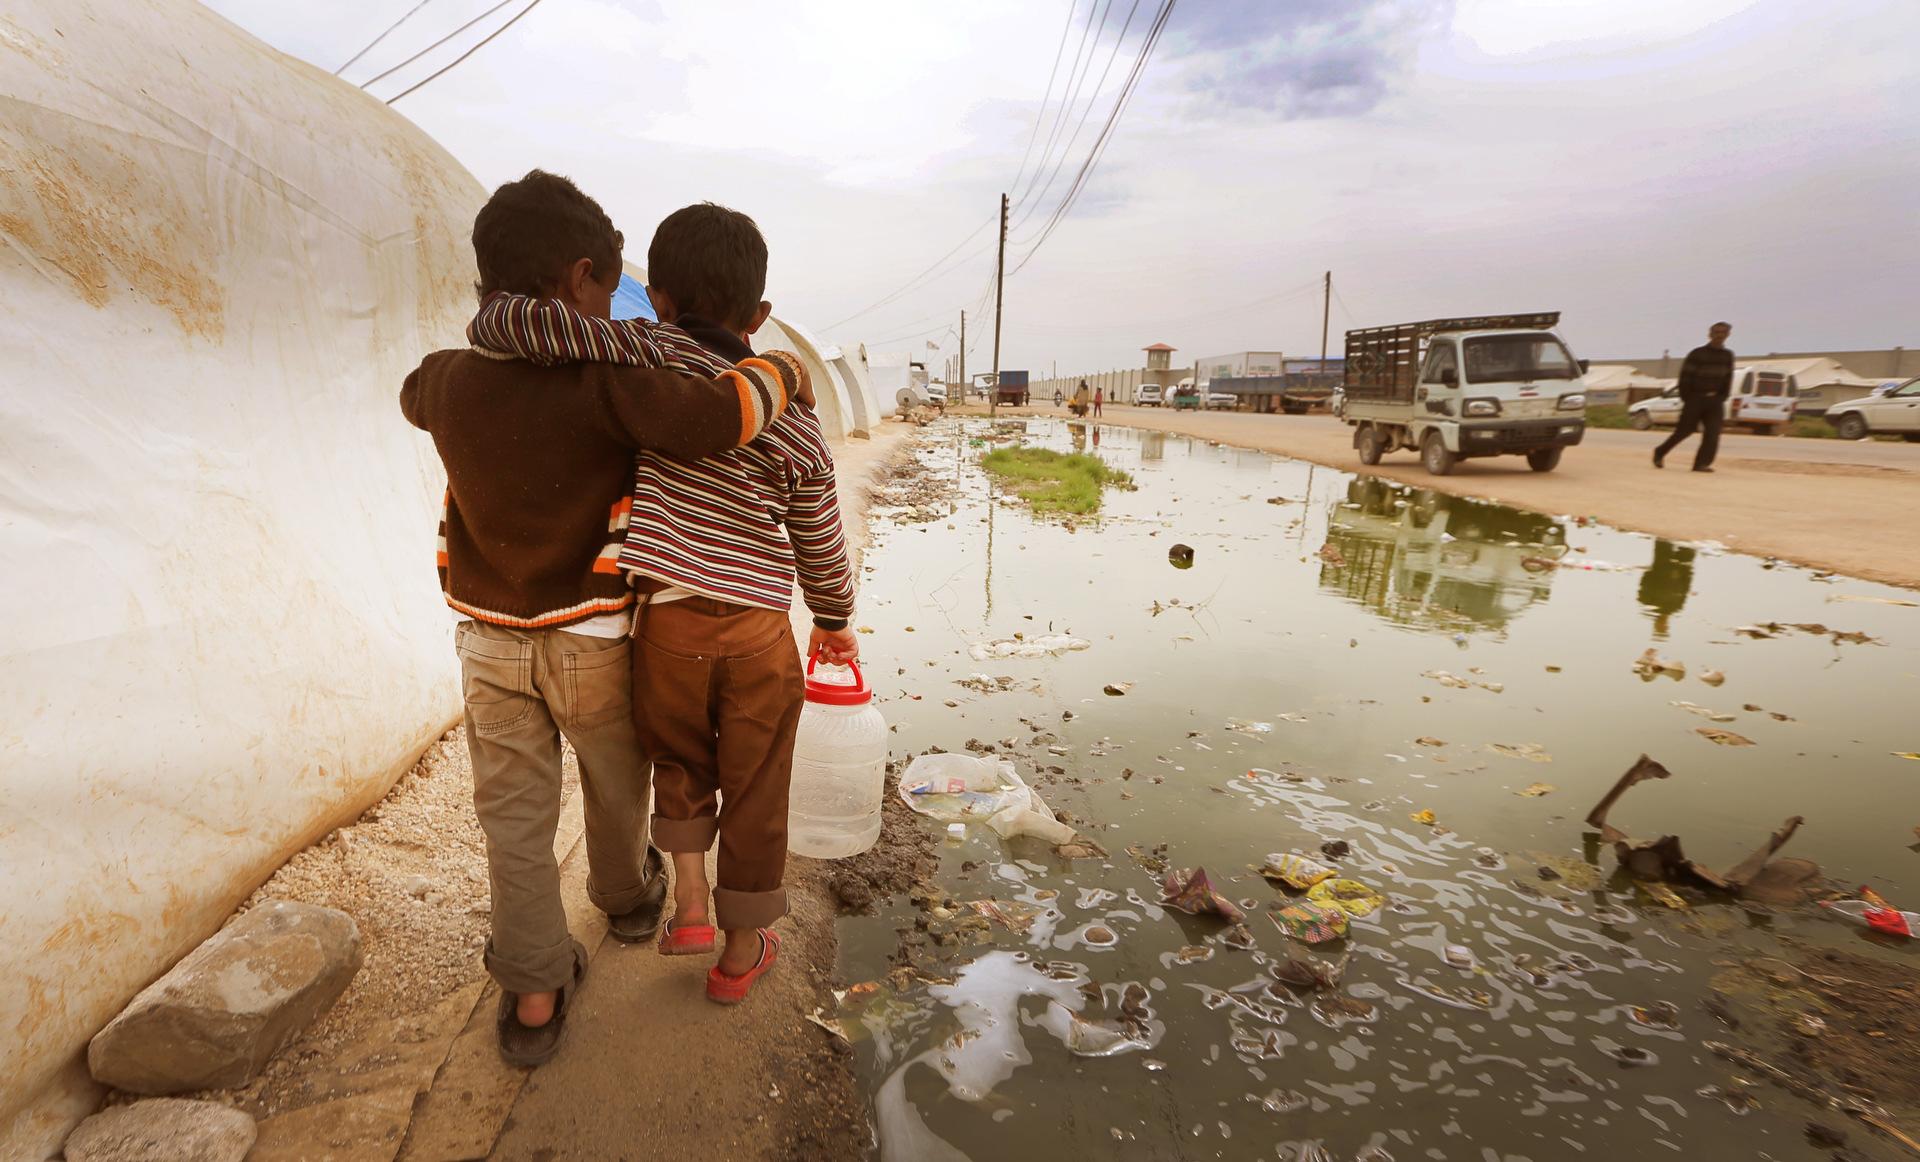 Il dramma dei bambini siriani, intervista a Bruno Neri, Terre des Hommes: 'Malnutrizione e mancanza di medicine'